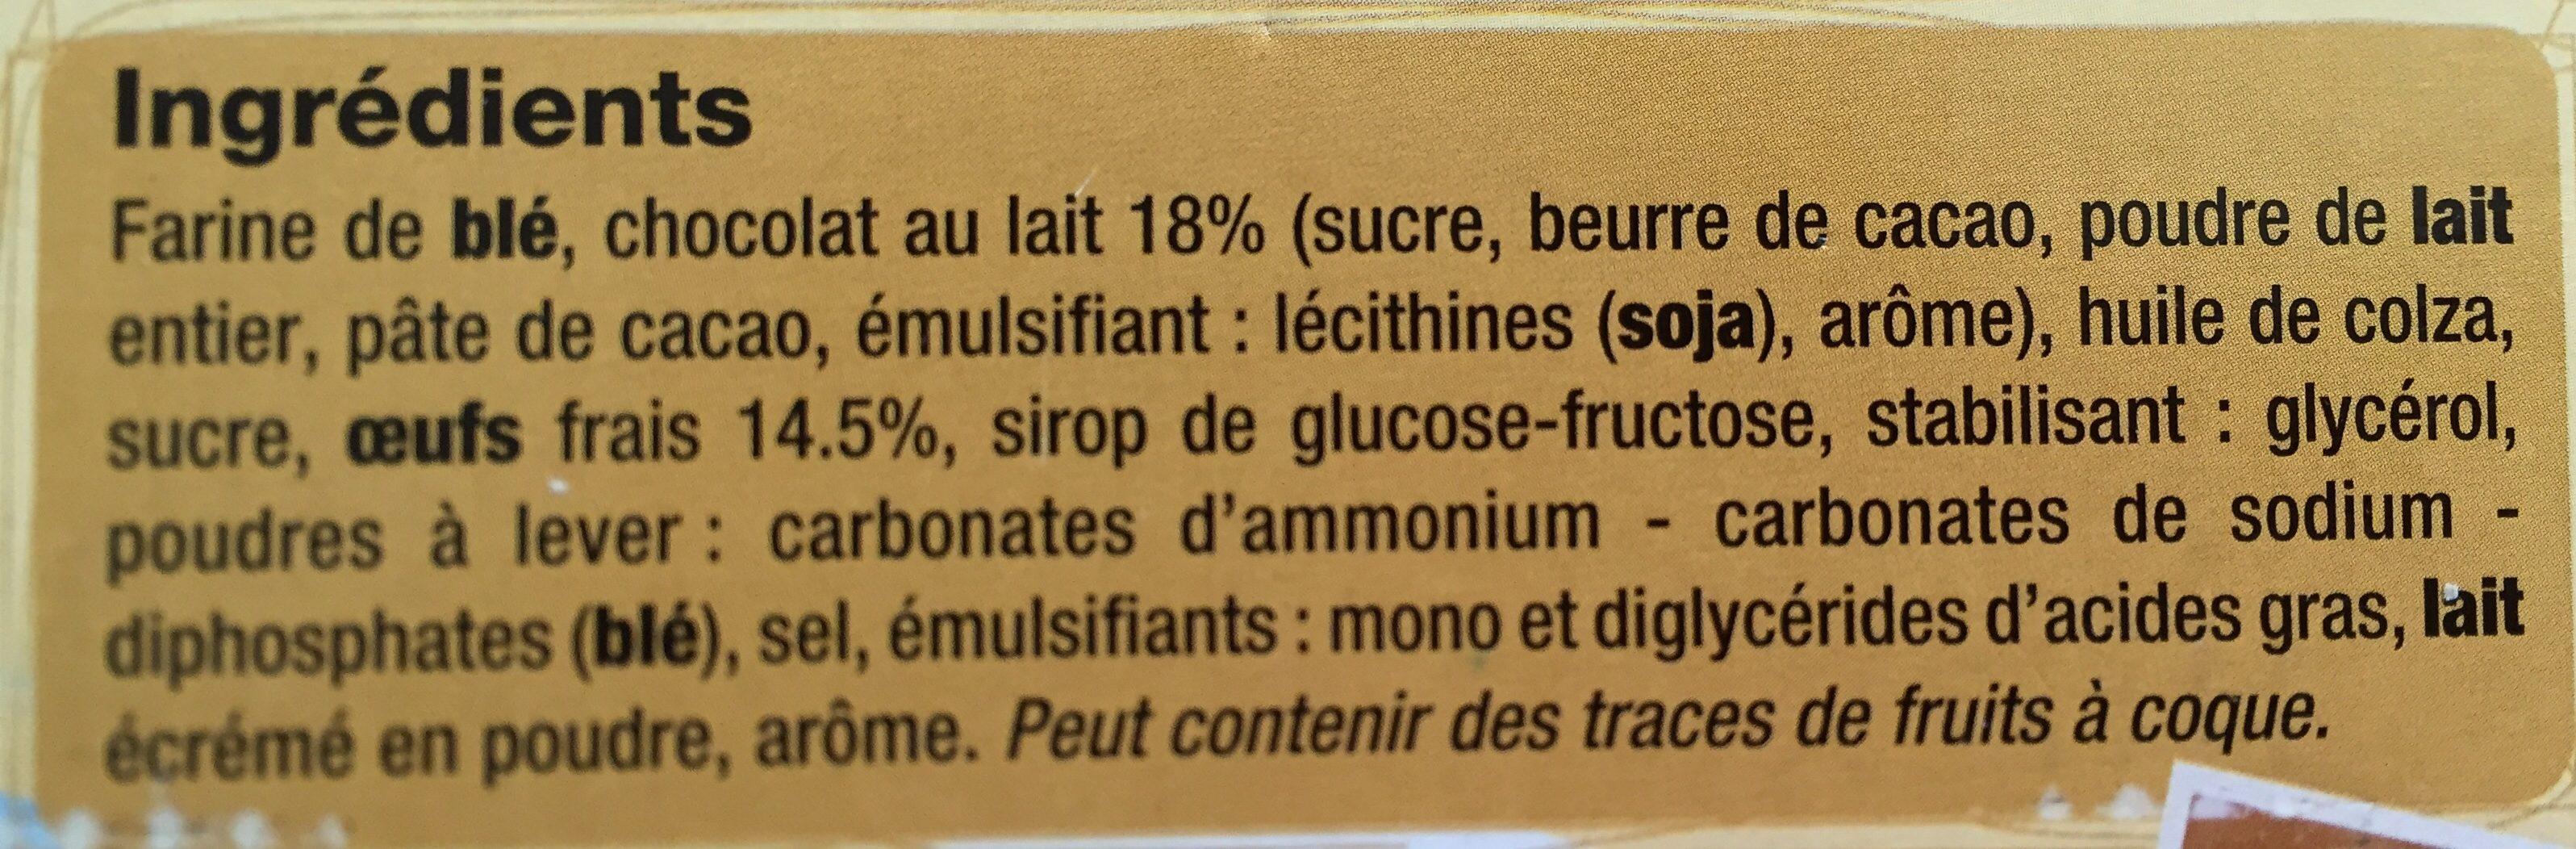 Madeleines chocolait - Ingrédients - fr